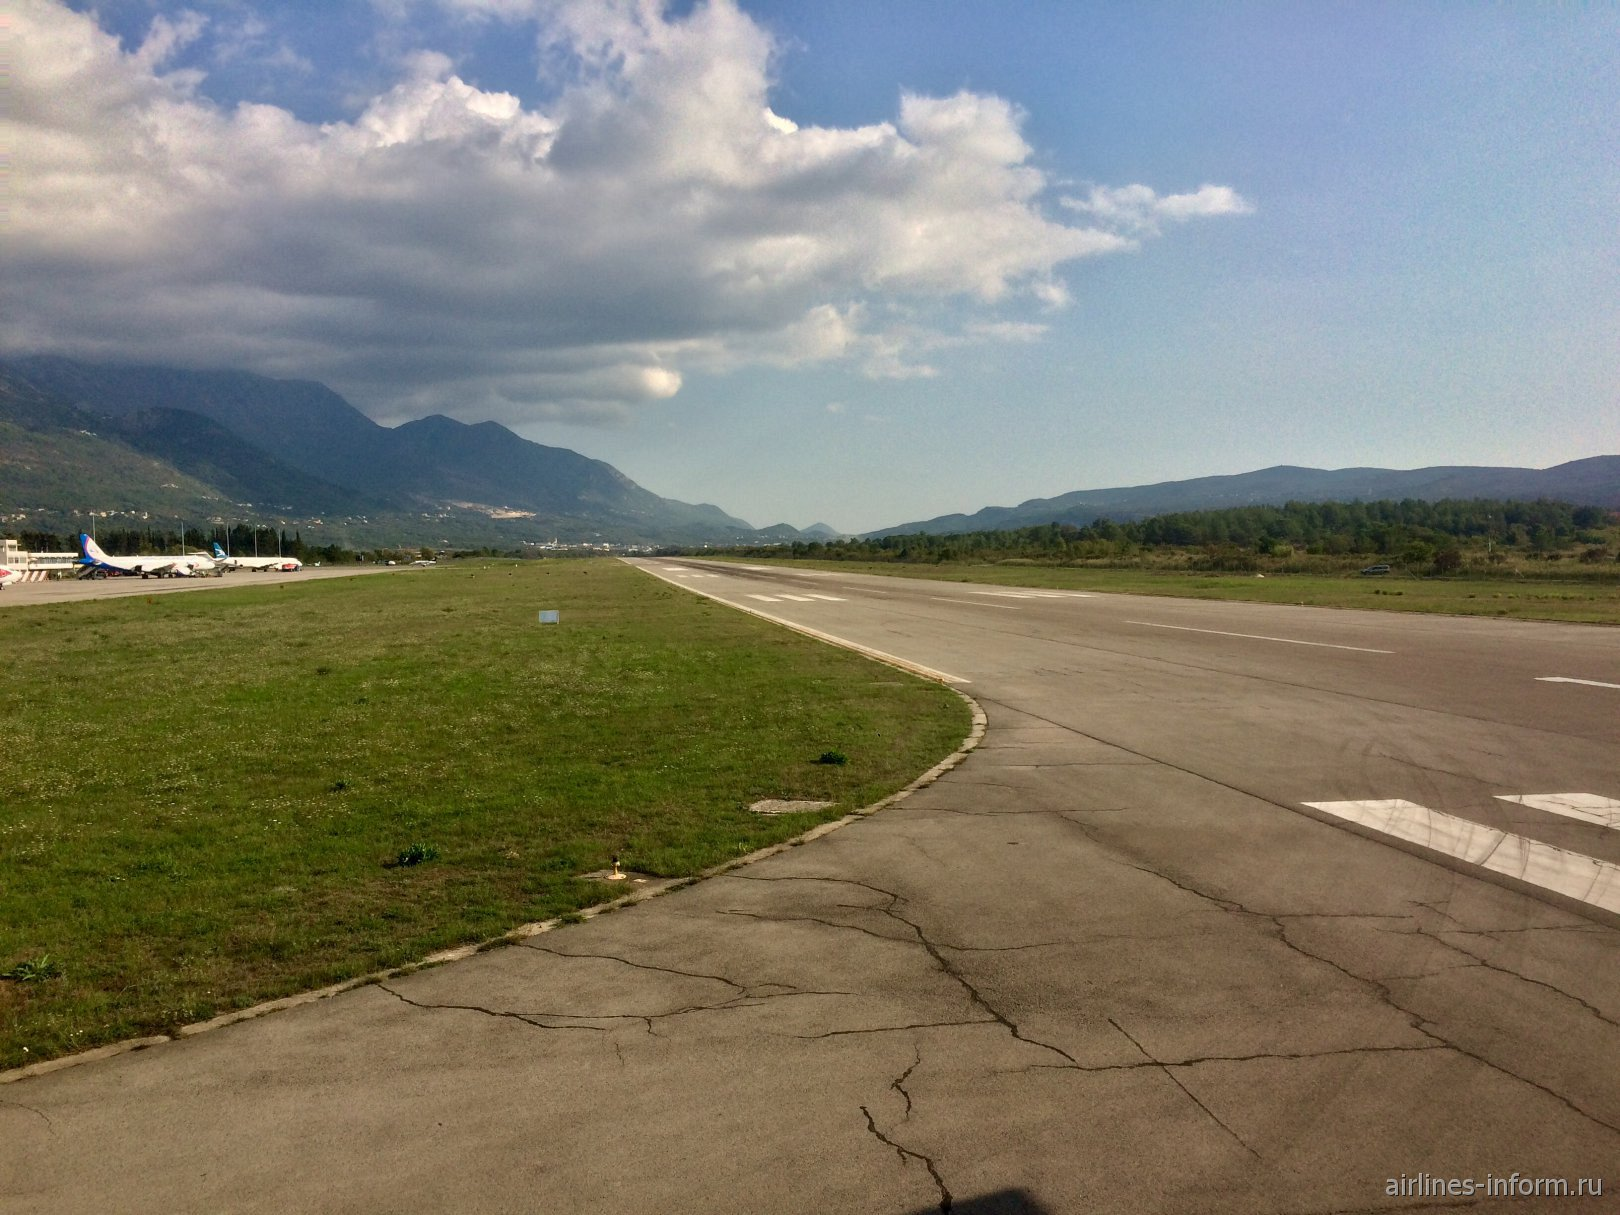 Взлетно-посадочная полоса аэропорта Тиват